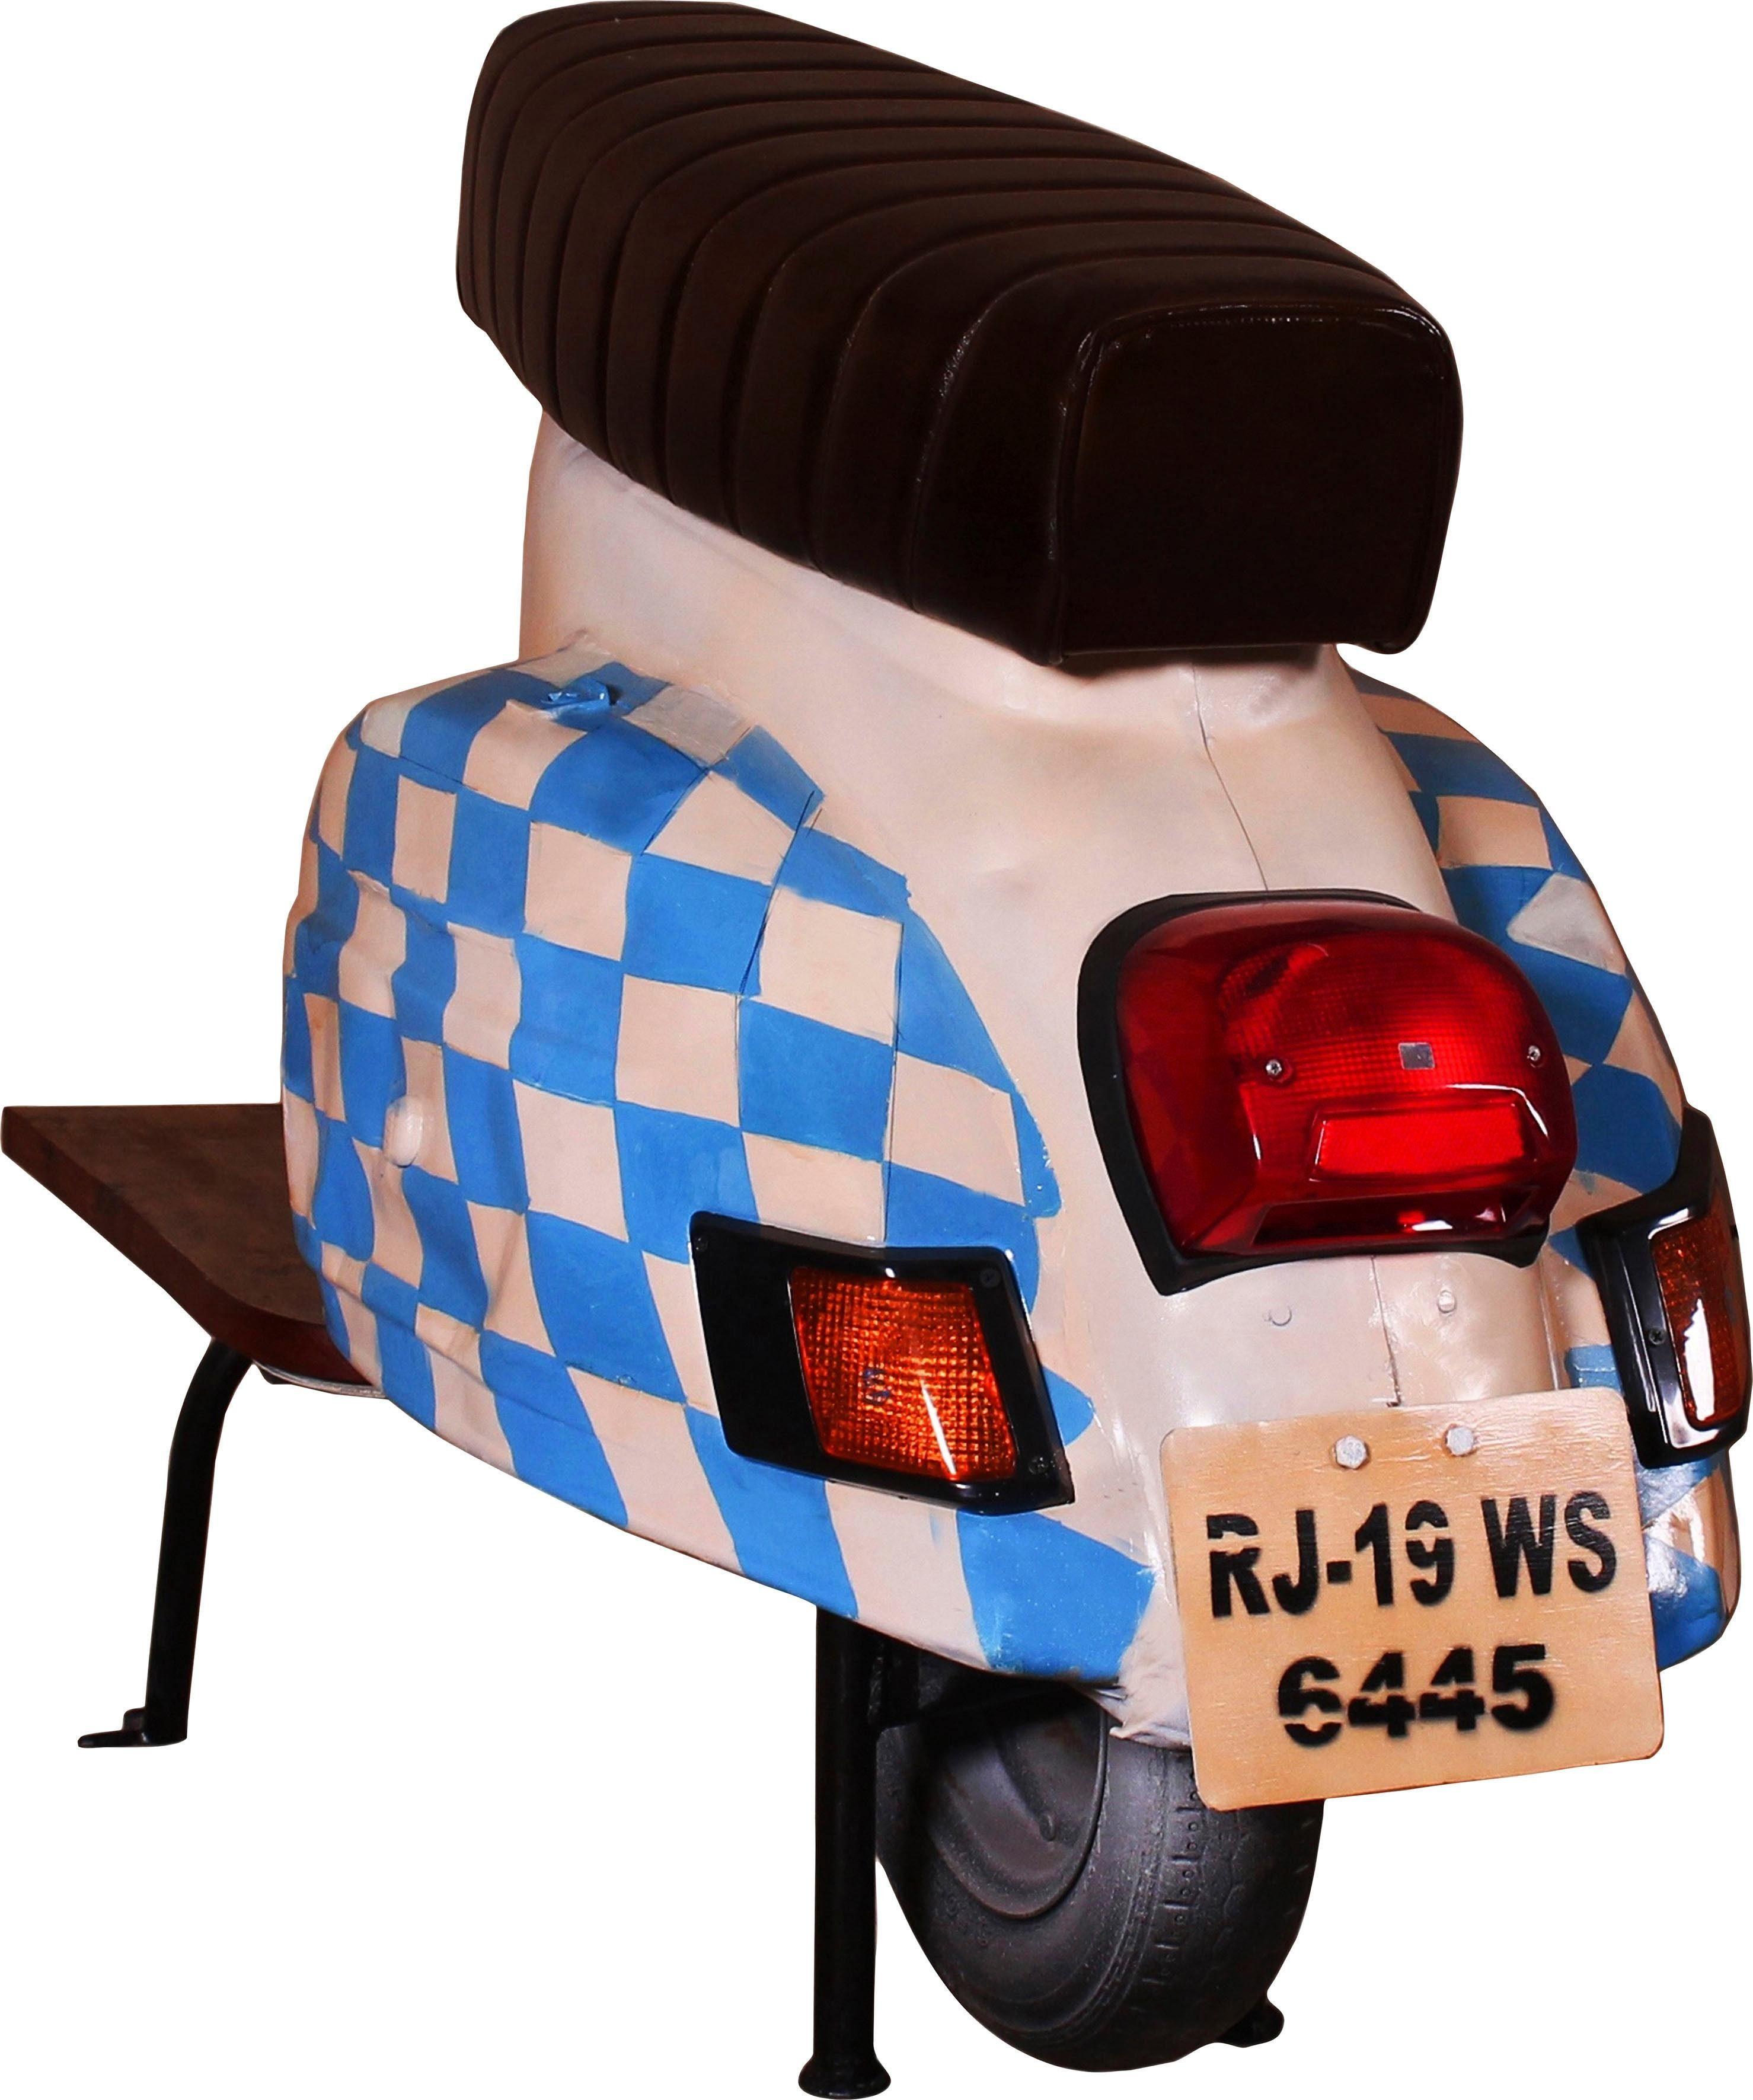 SIT Barhocker This&That Wohnen/Möbel/Küchenmöbel/Barmöbel/Barhocker